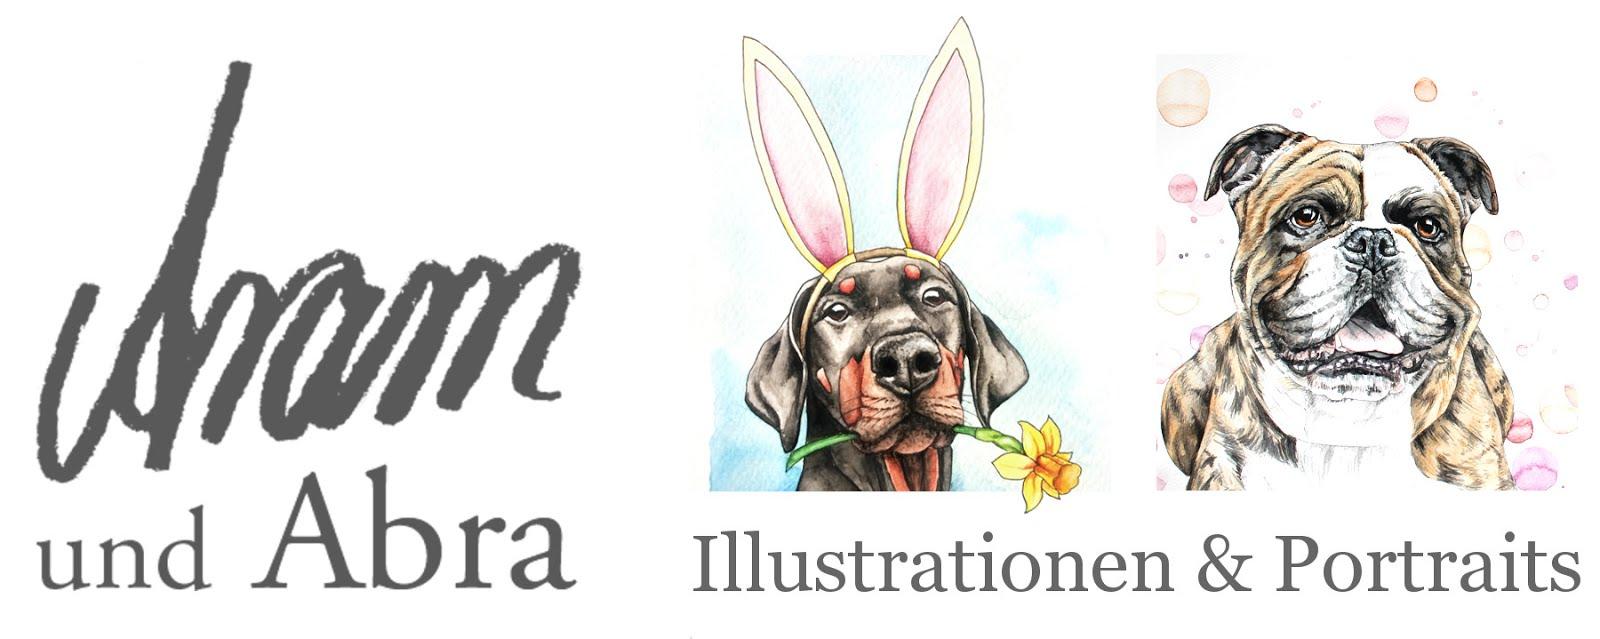 Aram und Abra - Illustrationen und Portraits | Hundeblog und Kunst